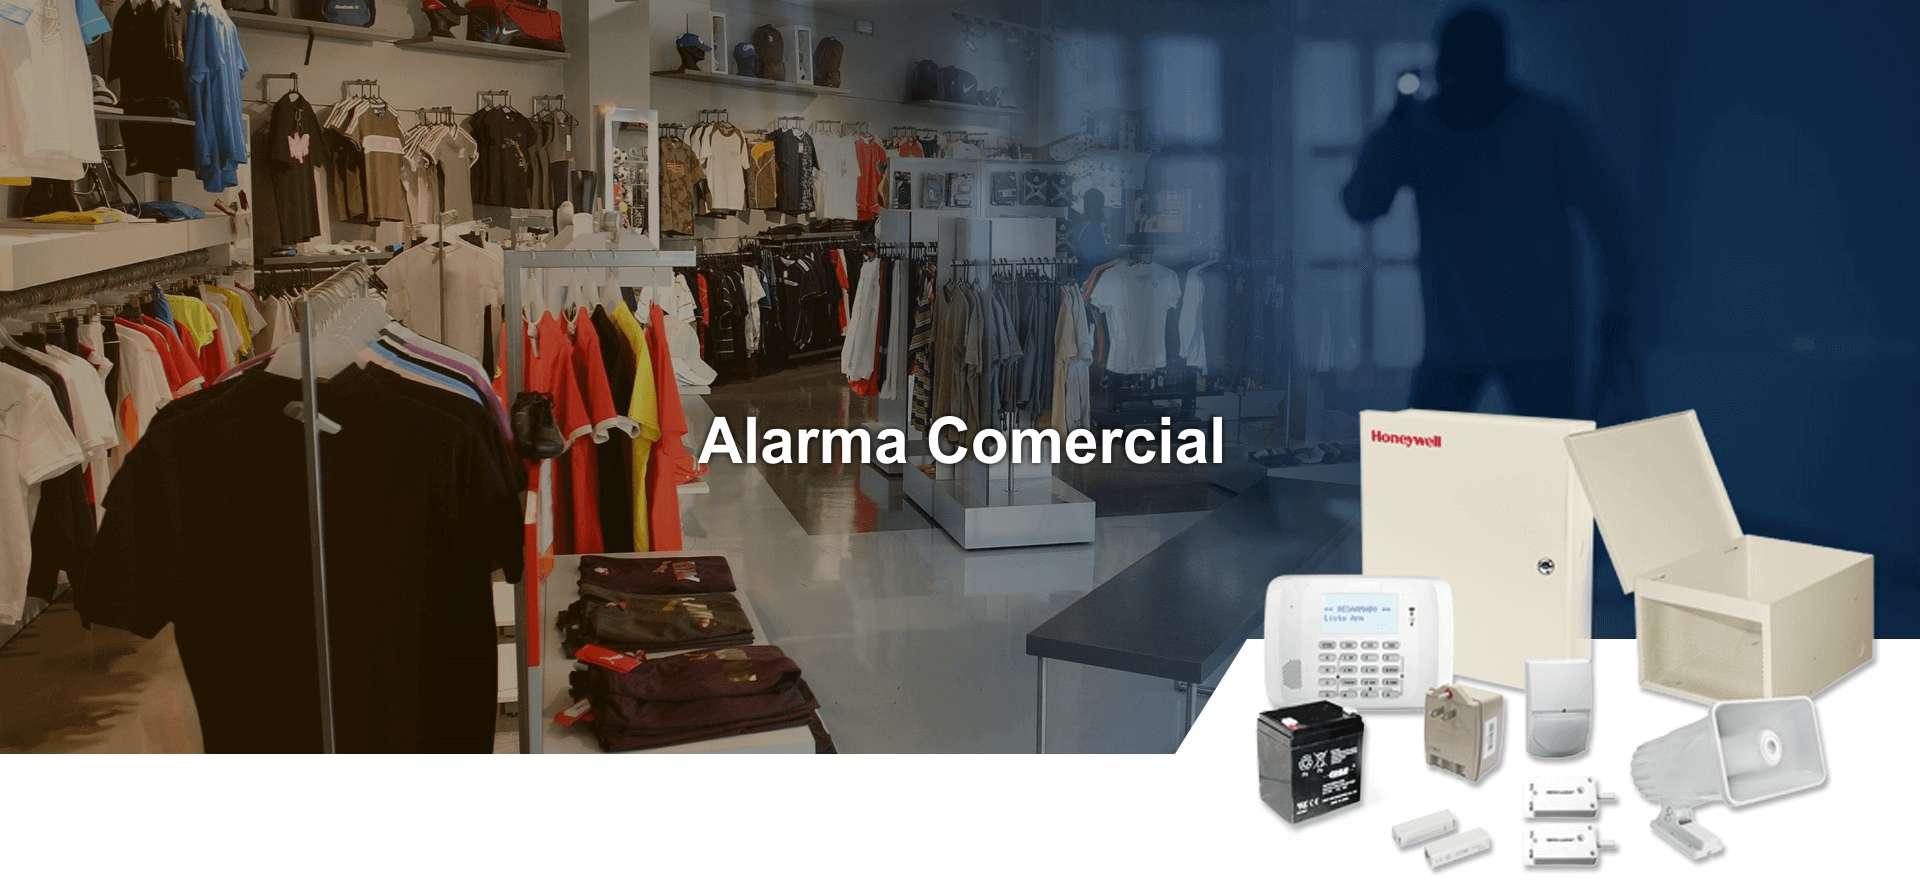 Alarma Comercial en Ixtapa Zihuatanejo, Guerrero y Lázaro Cárdenas, Michoacán, Sistema de Alarmas de Seguridad para negocios, tiendas, boutiques, restaurantes y locales comerciales